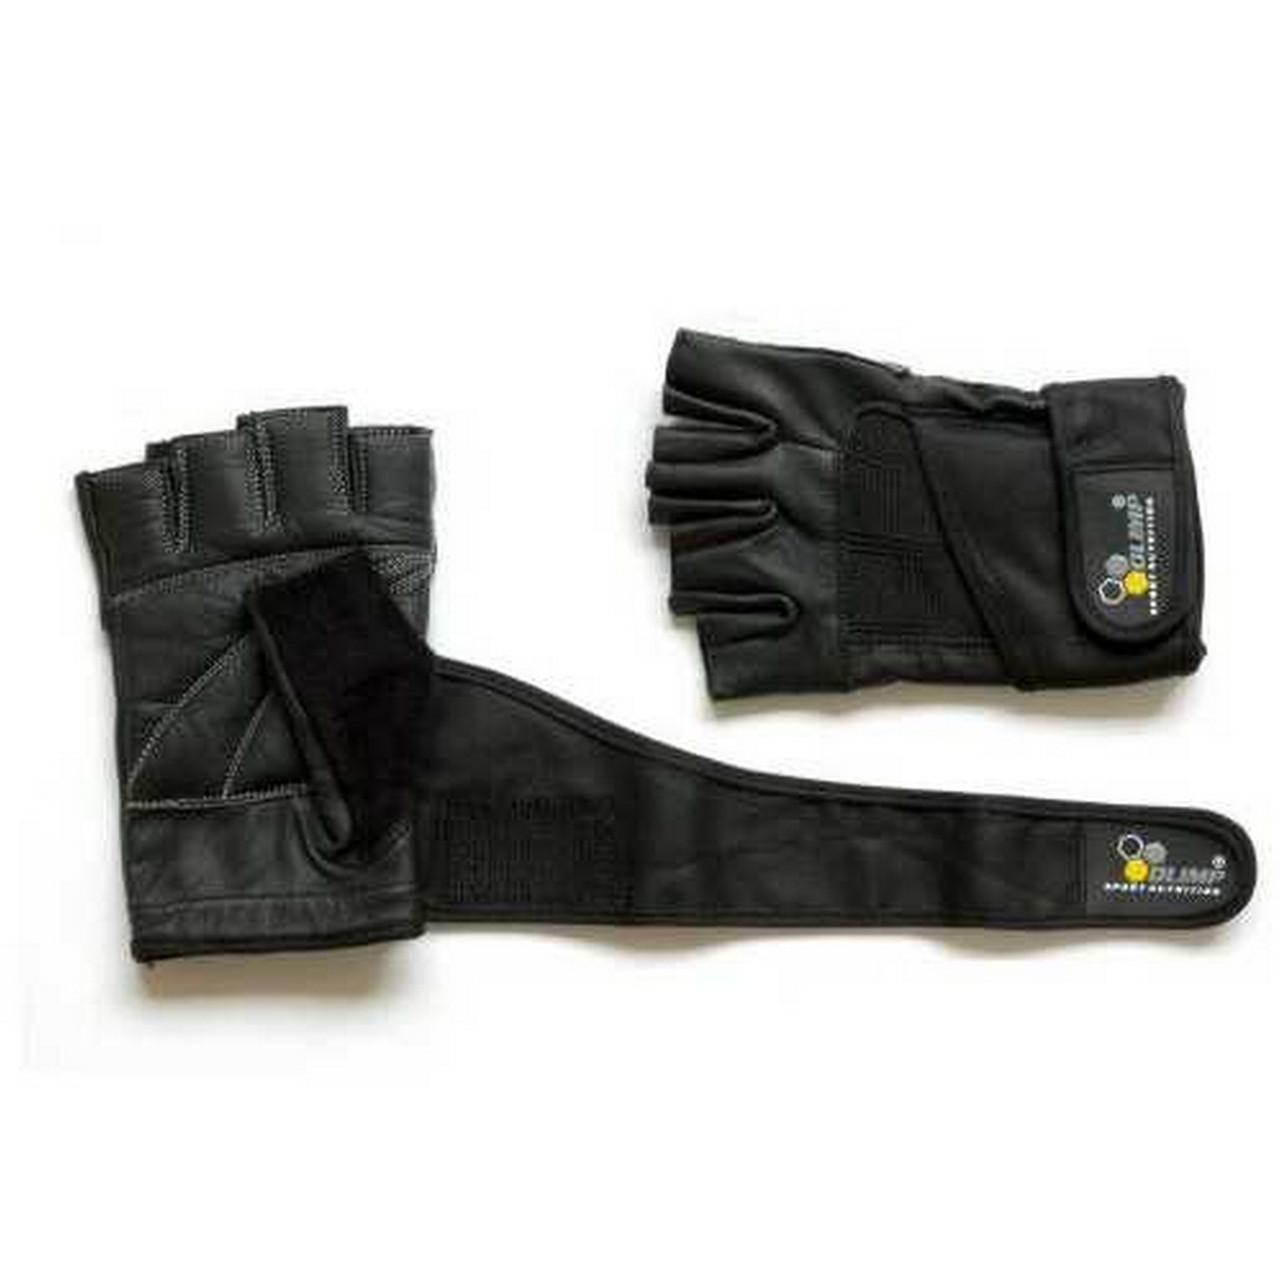 Hardcore Profi Wrist Wrap L size